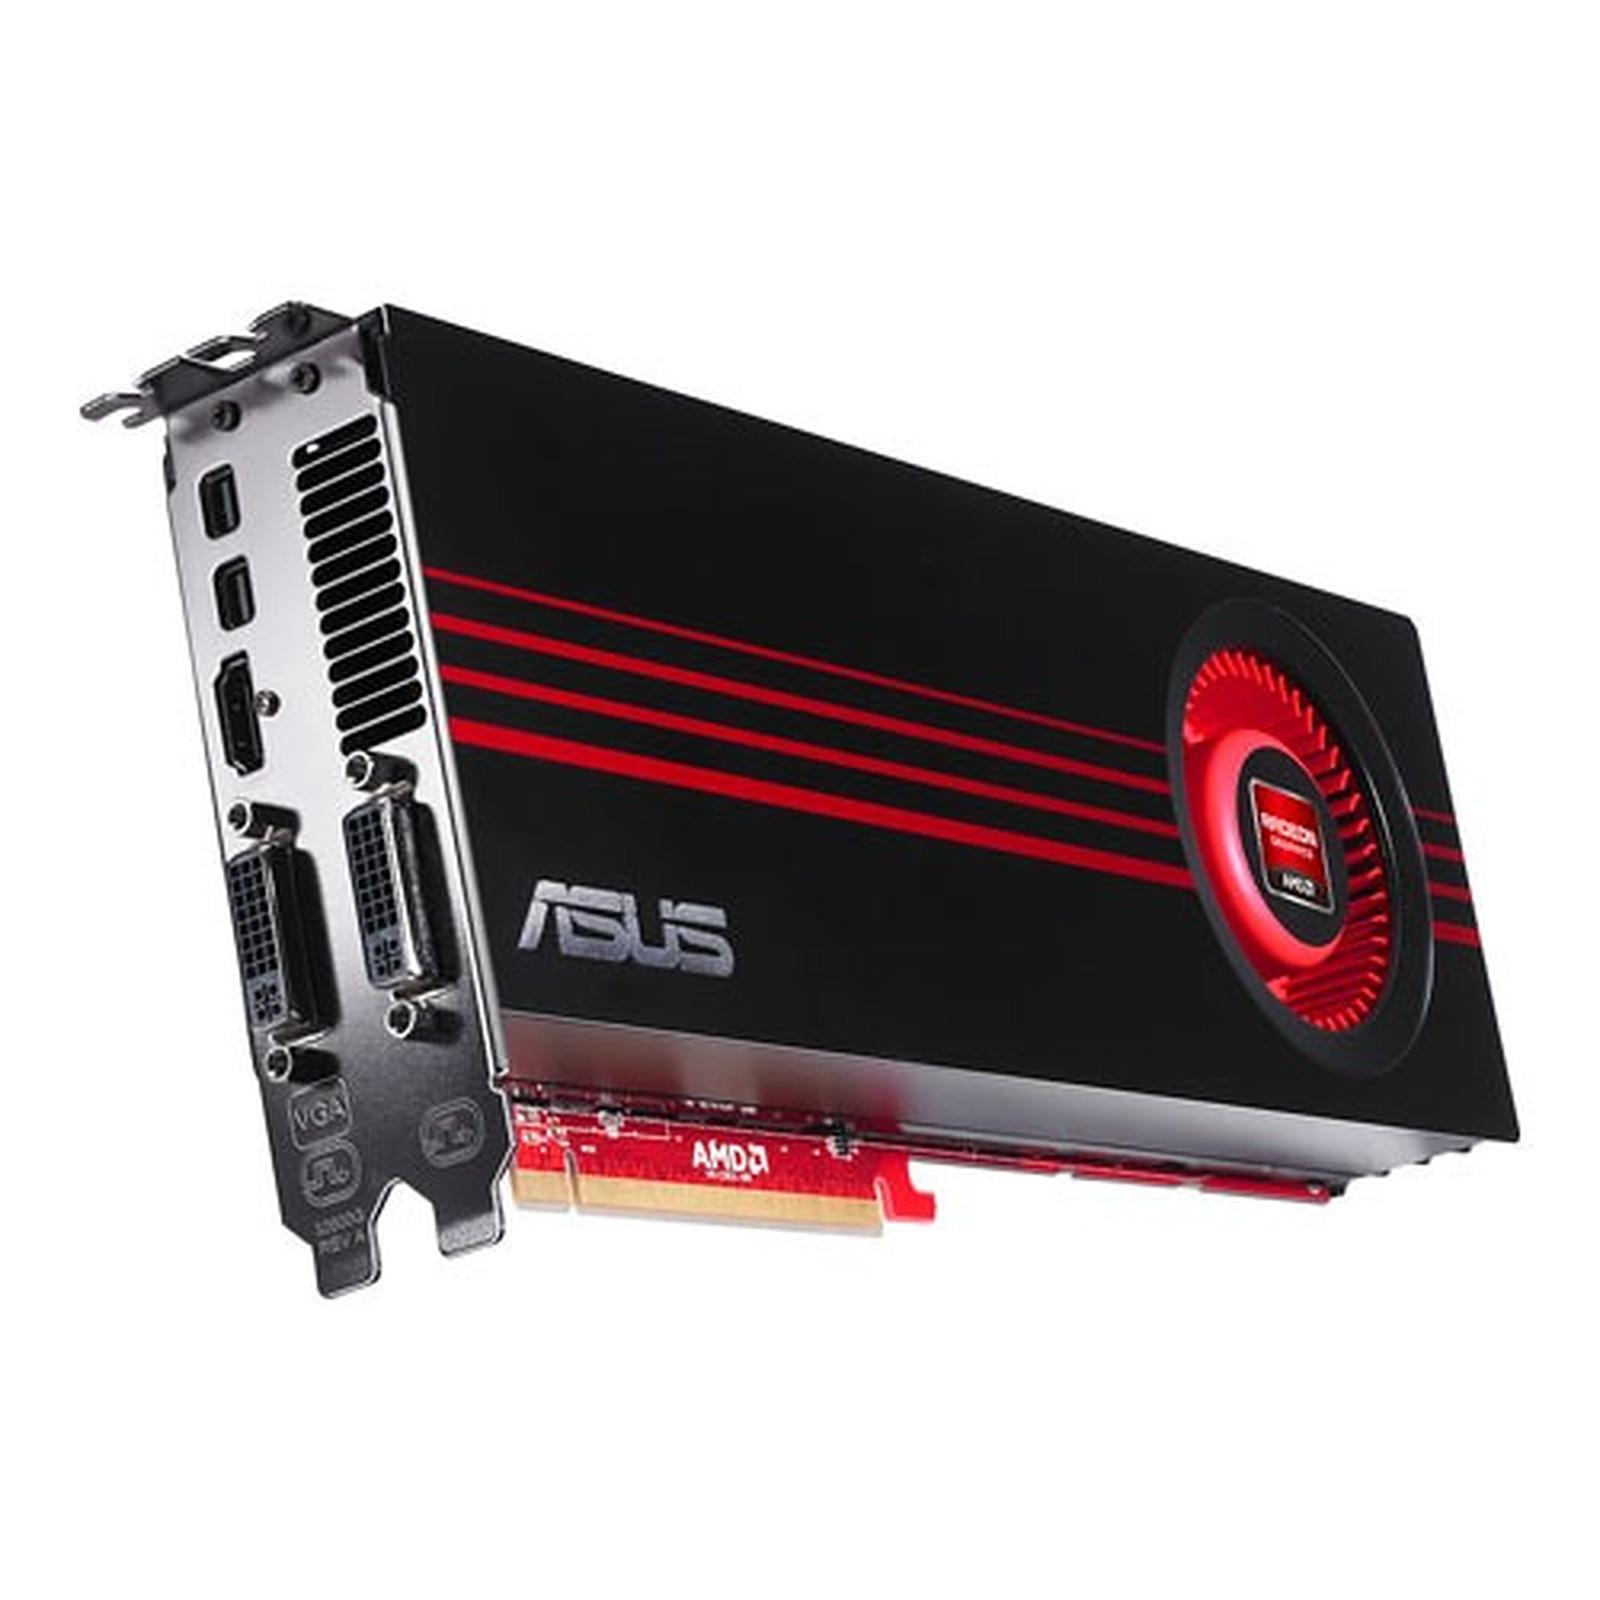 ASUS EAH6950/2DI2S/2GD5 - 2 GB